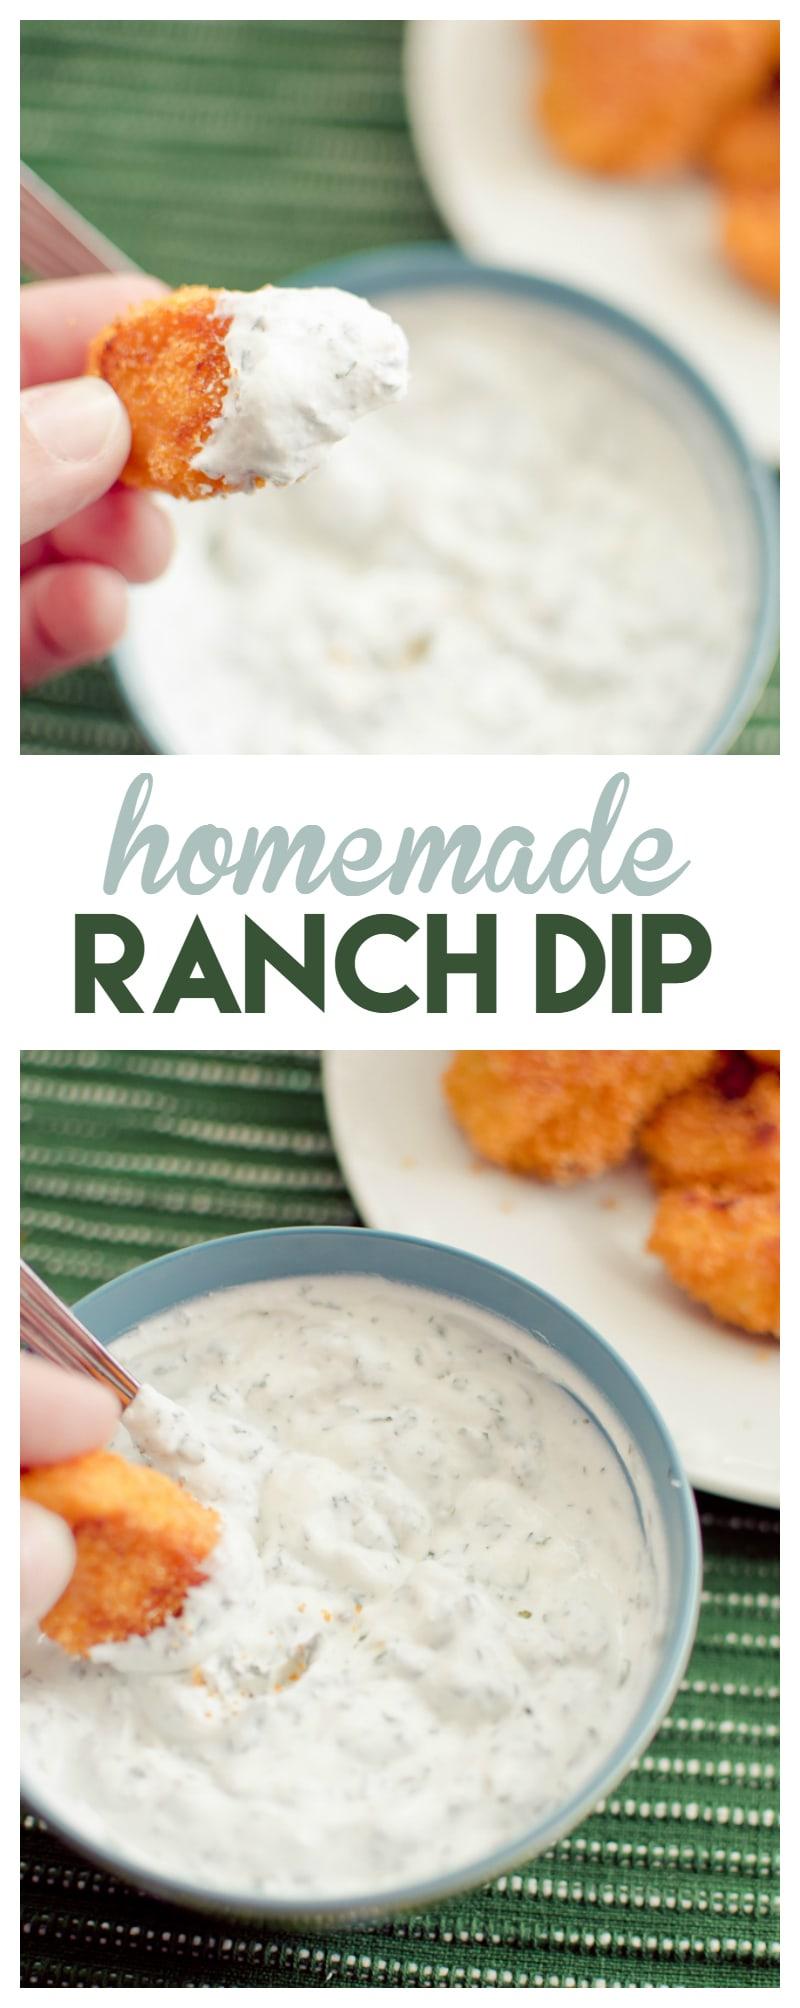 homemade ranch dip